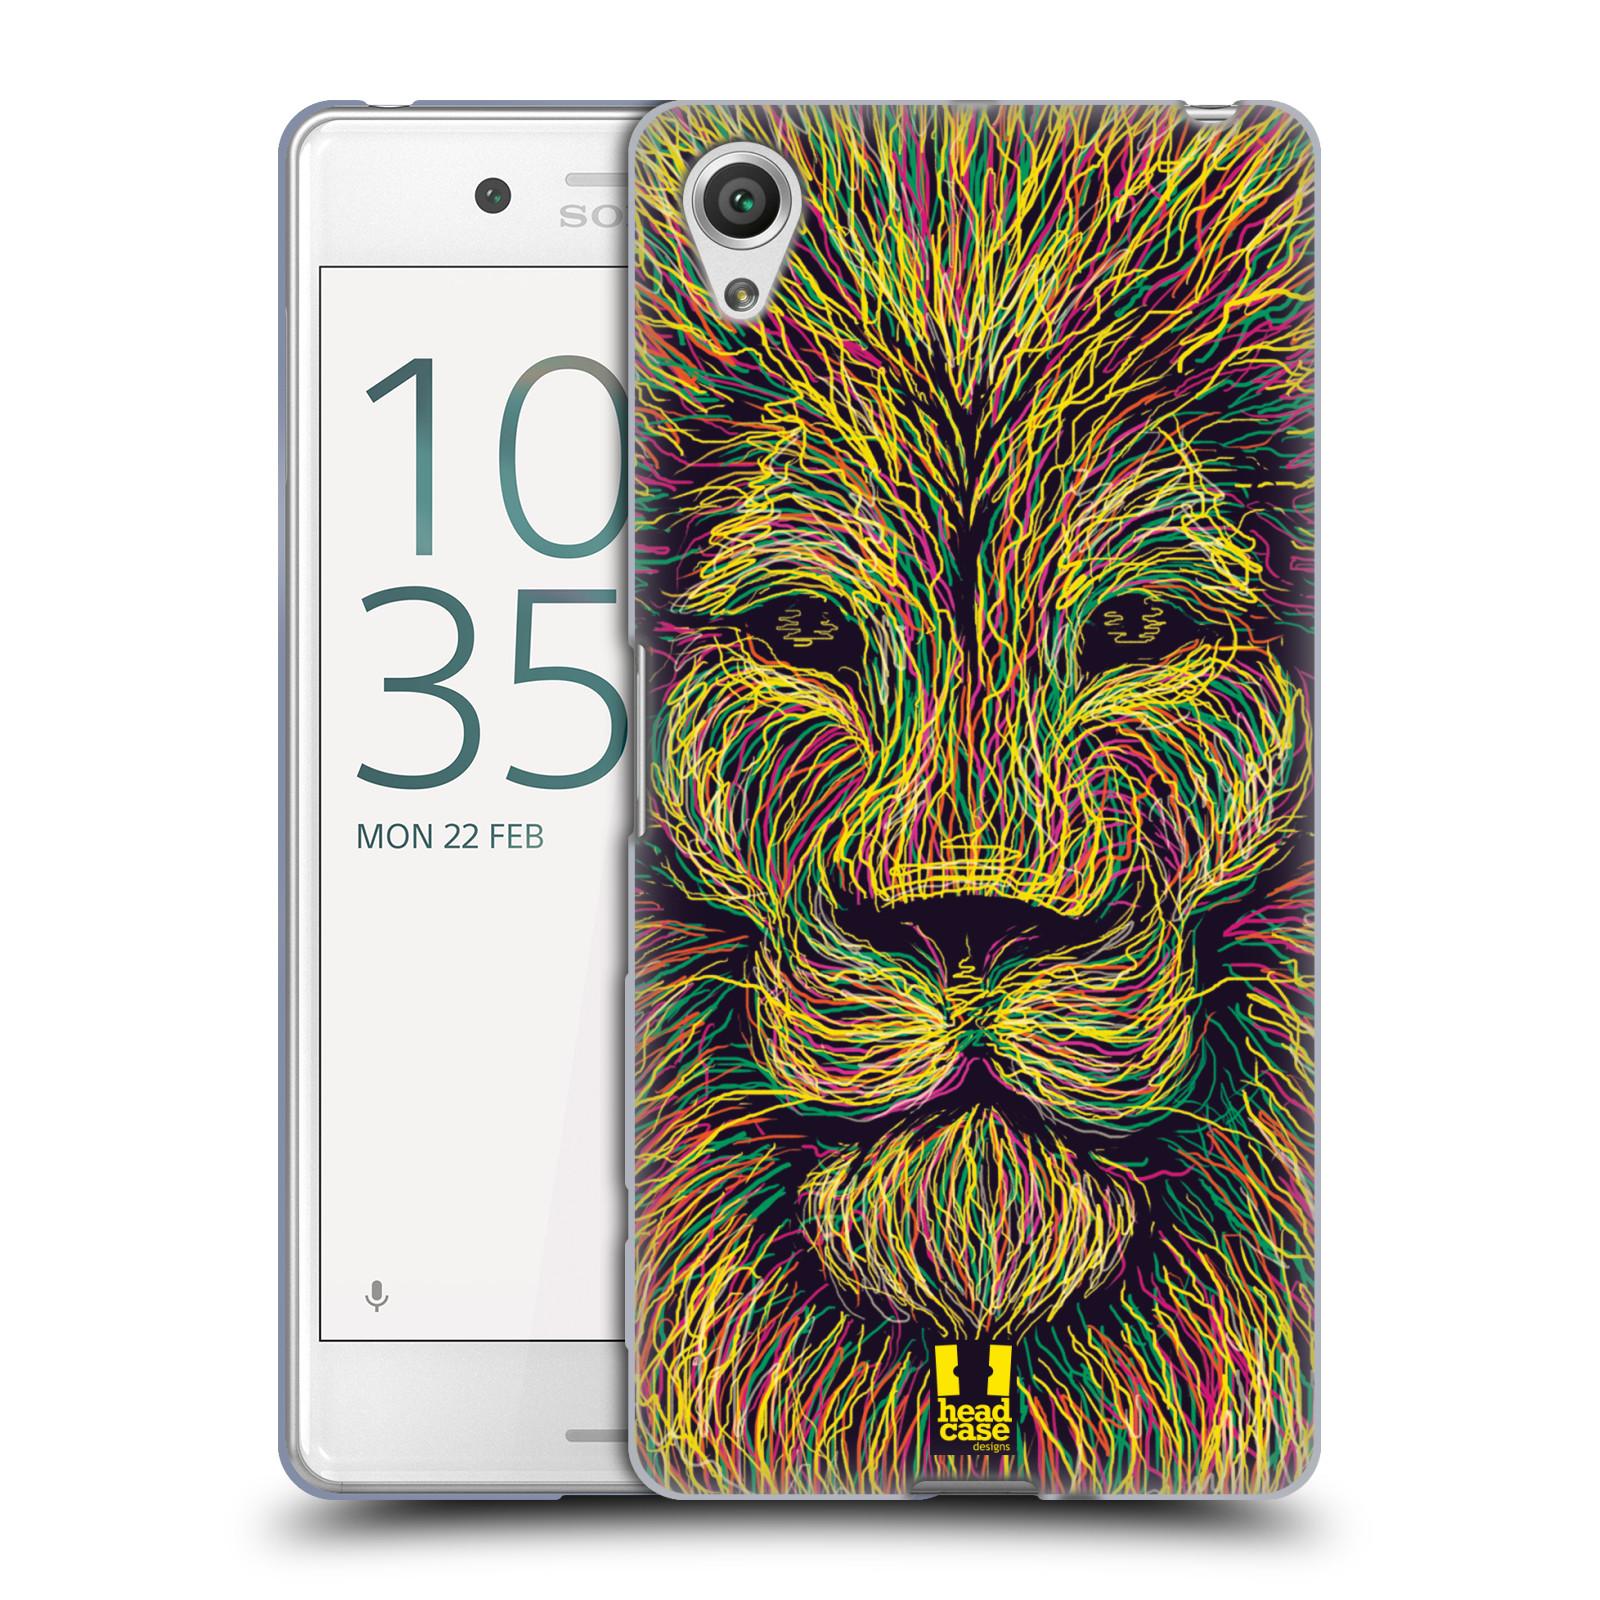 HEAD CASE silikonový obal na mobil Sony Xperia X PERFORMANCE (F8131, F8132) vzor zvíře čmáranice lev